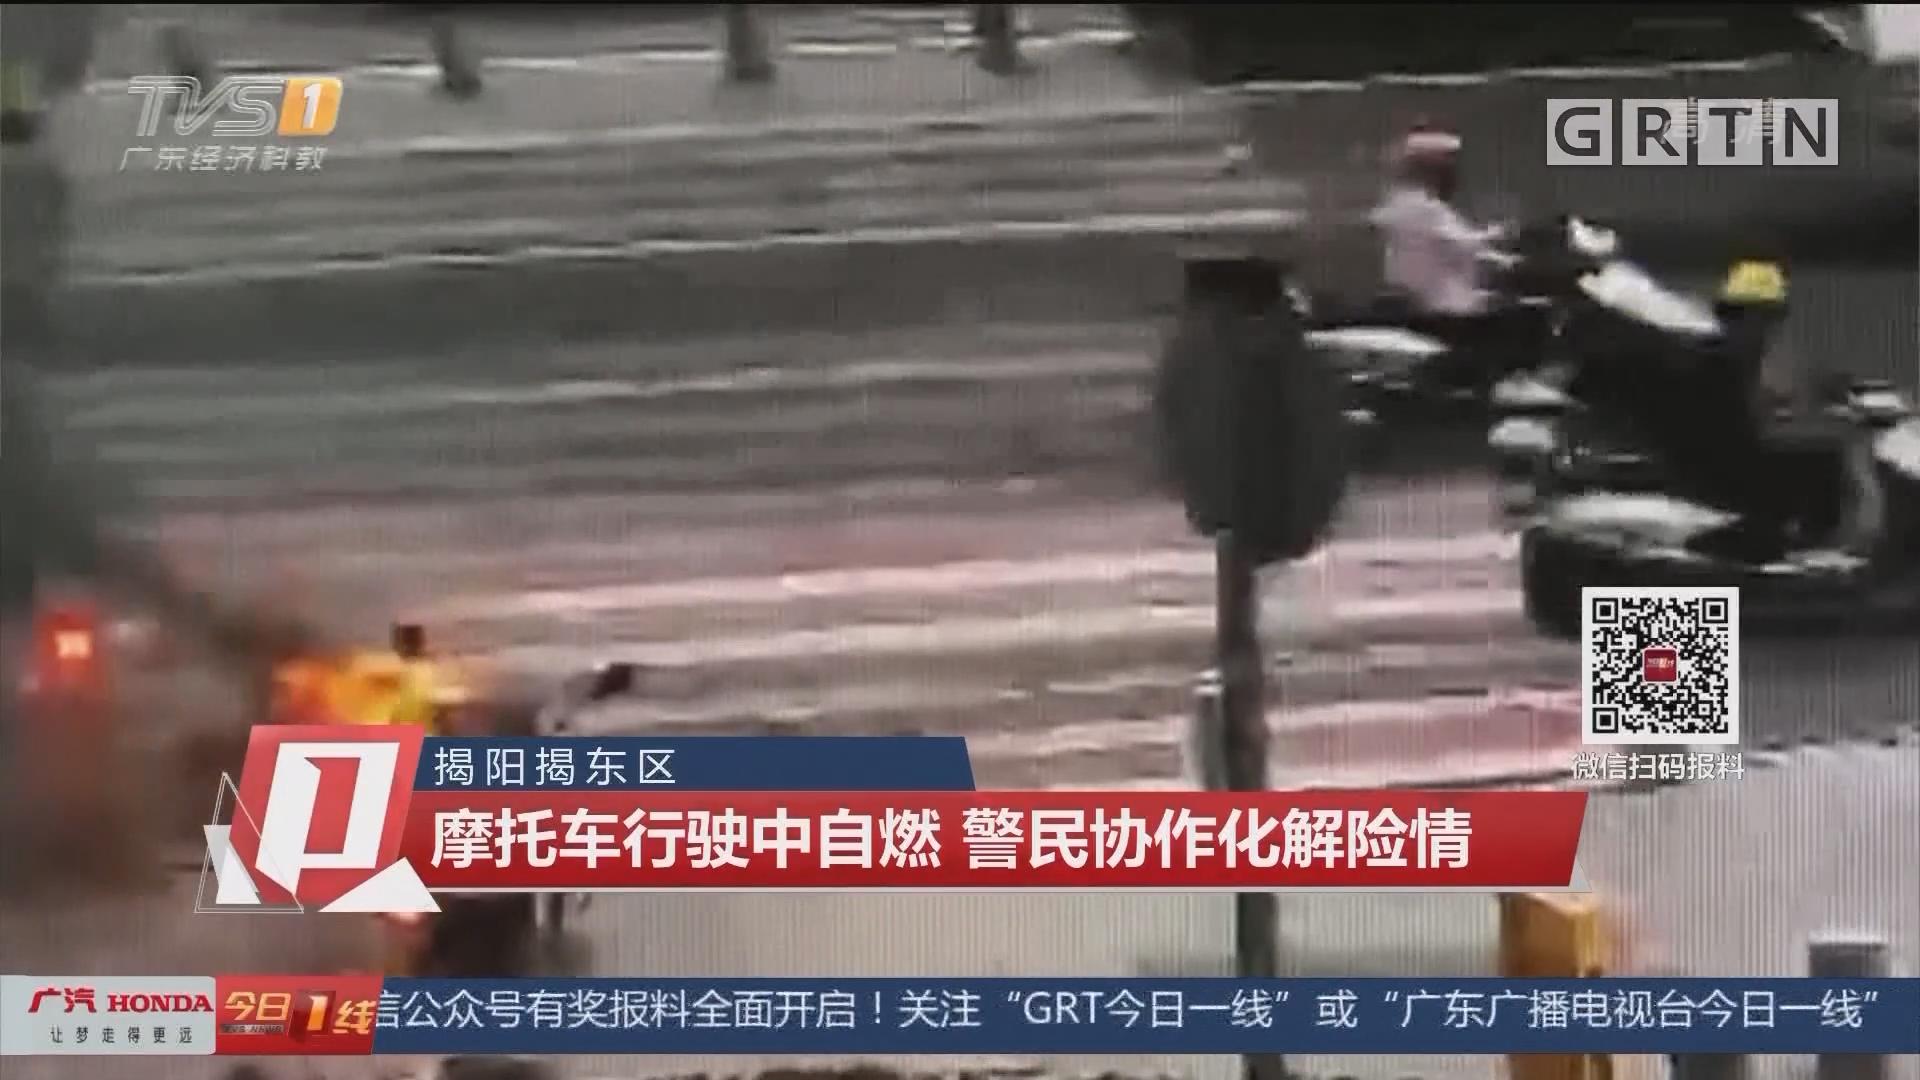 揭阳揭东区:摩托车行驶中自燃 警民协作化解险情